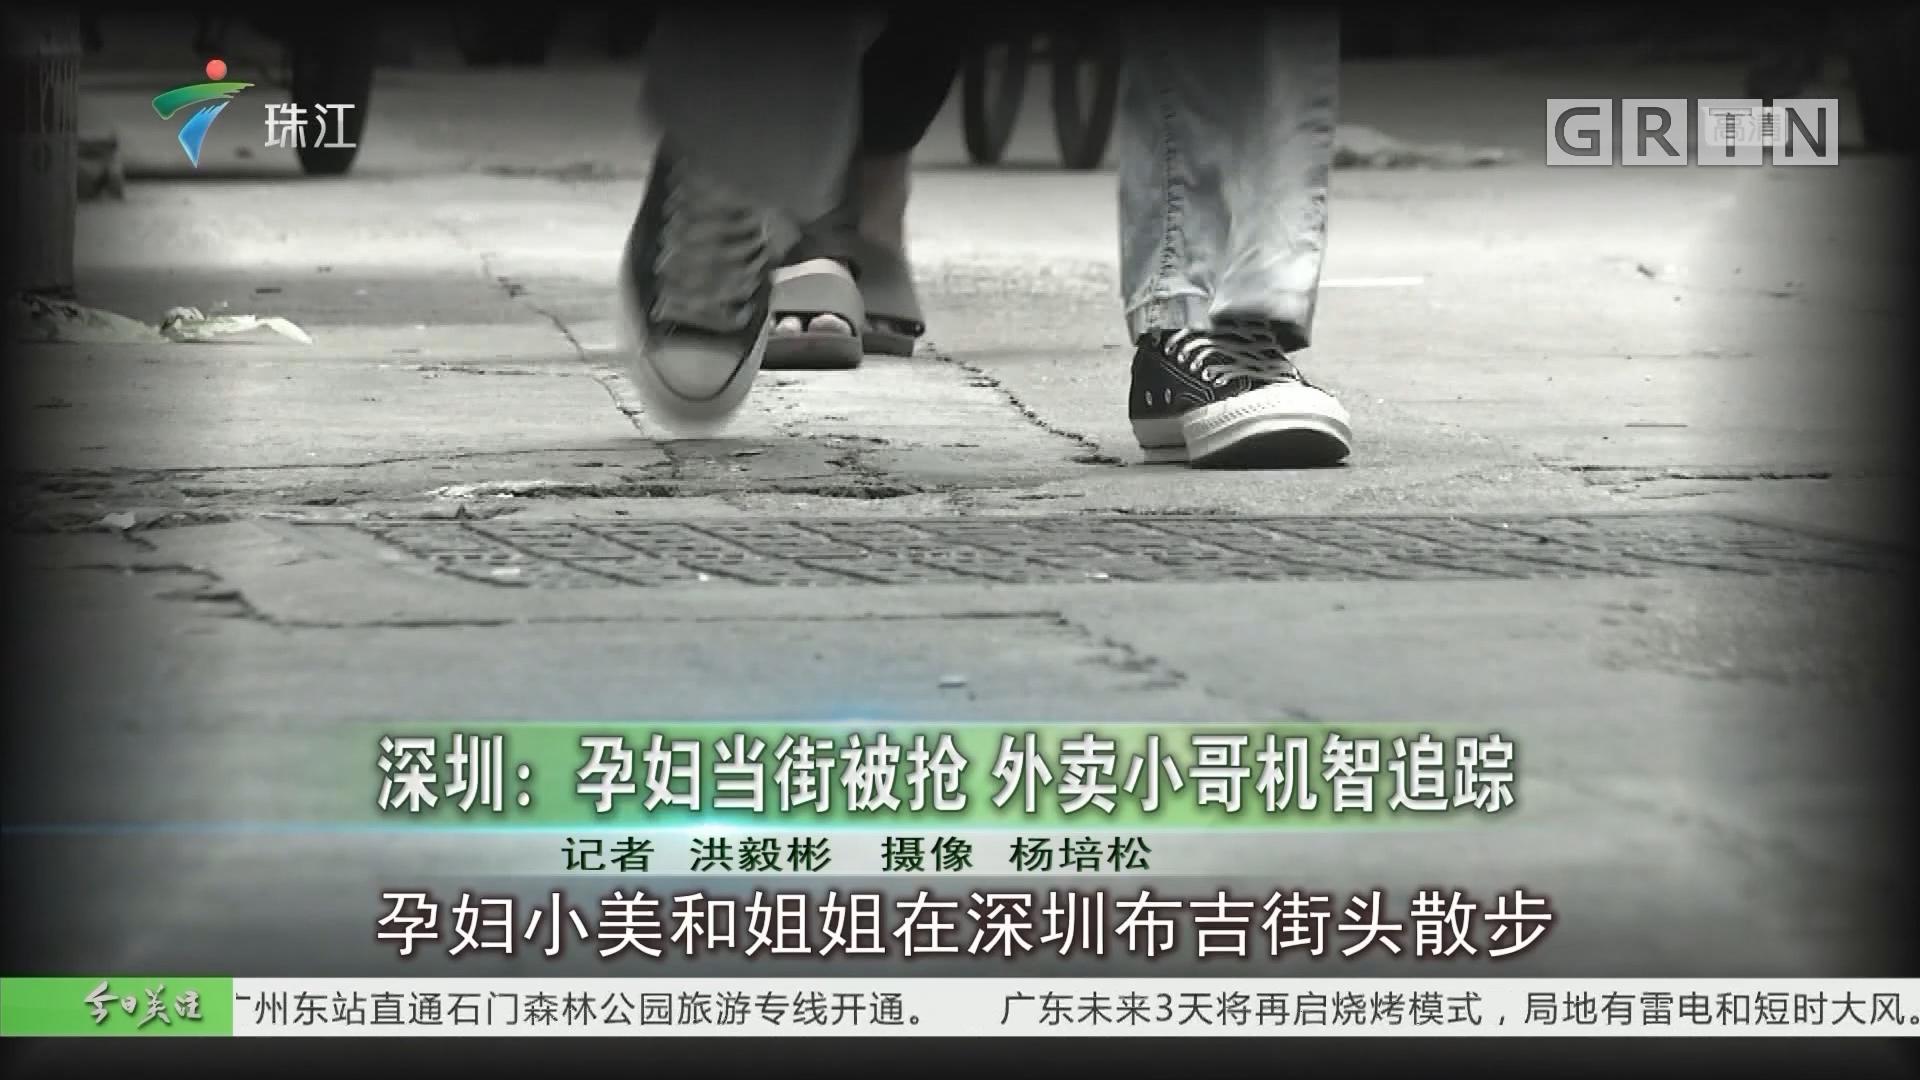 深圳:孕妇当街被抢 外卖小哥机智追踪